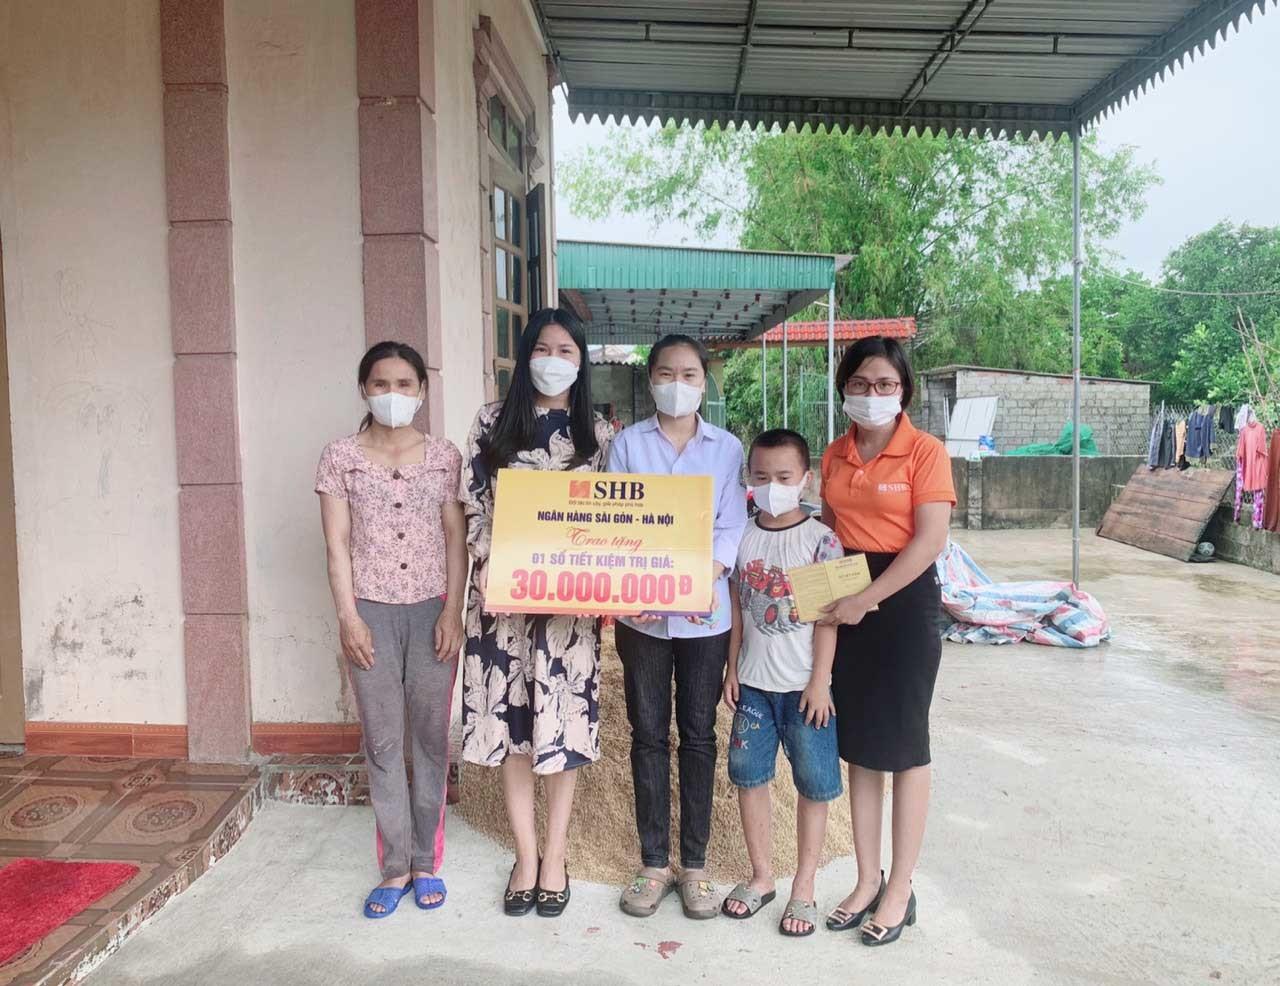 4 nữ sinh ở Hà Tĩnh được ủng hộ hơn 1 tỷ đồng chia sẻ niềm vui đỗ đại học